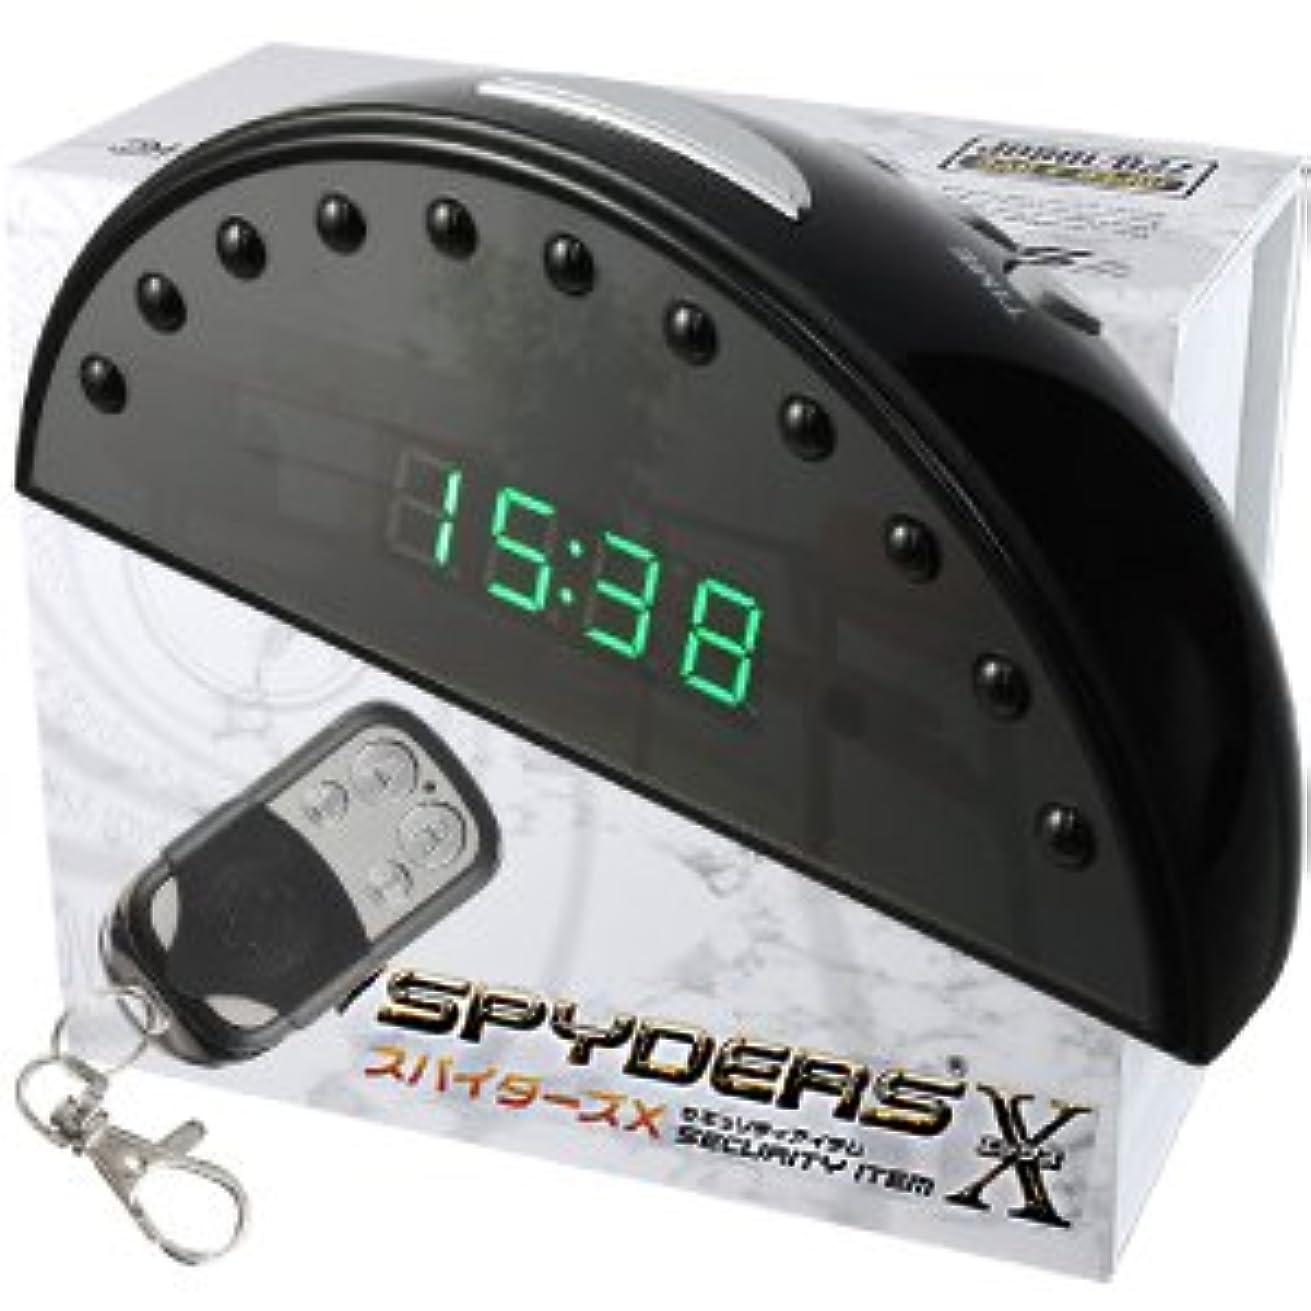 無限かろうじて芝生スパイダーズX 置時計型カメラ 小型カメラ スパイカメラ (C-540) セミサークル型